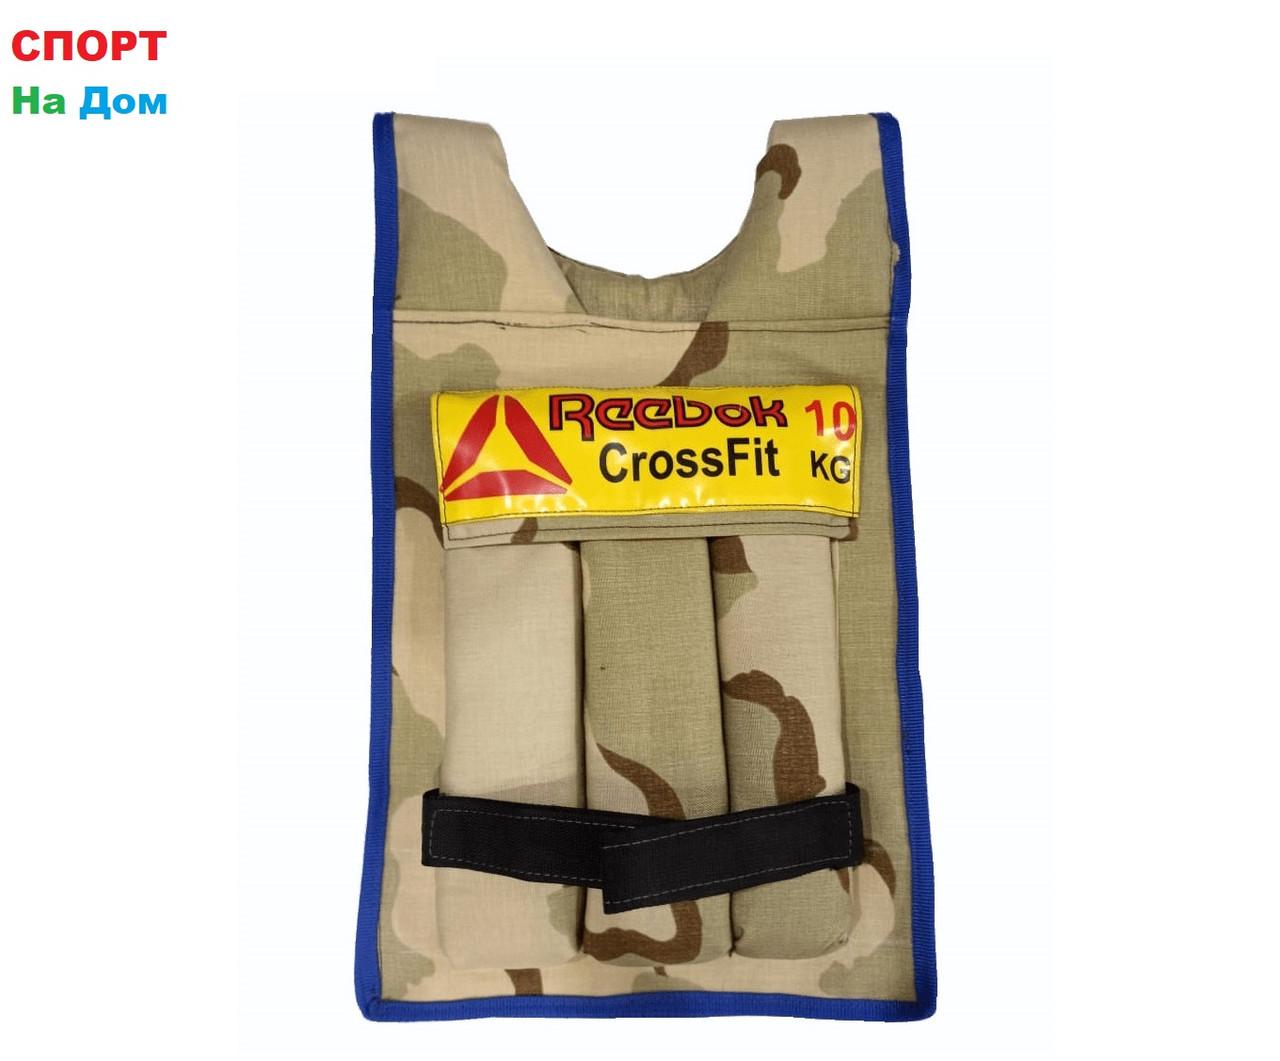 Жилет утяжелитель Reebok Crossfit для физических нагрузок 10 кг